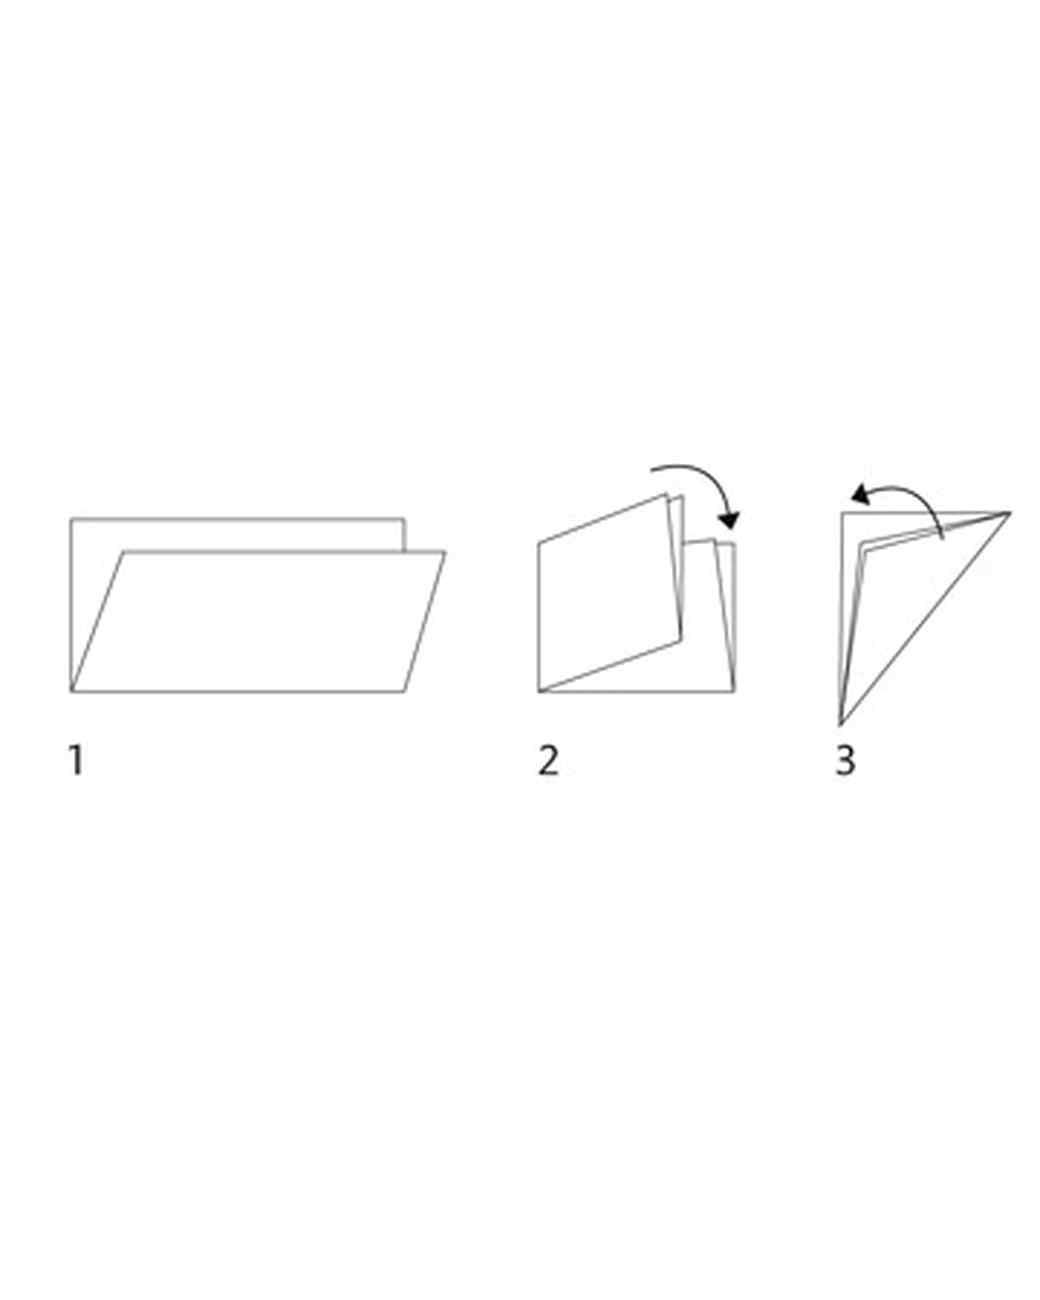 msl_0809_folding_howto.jpg